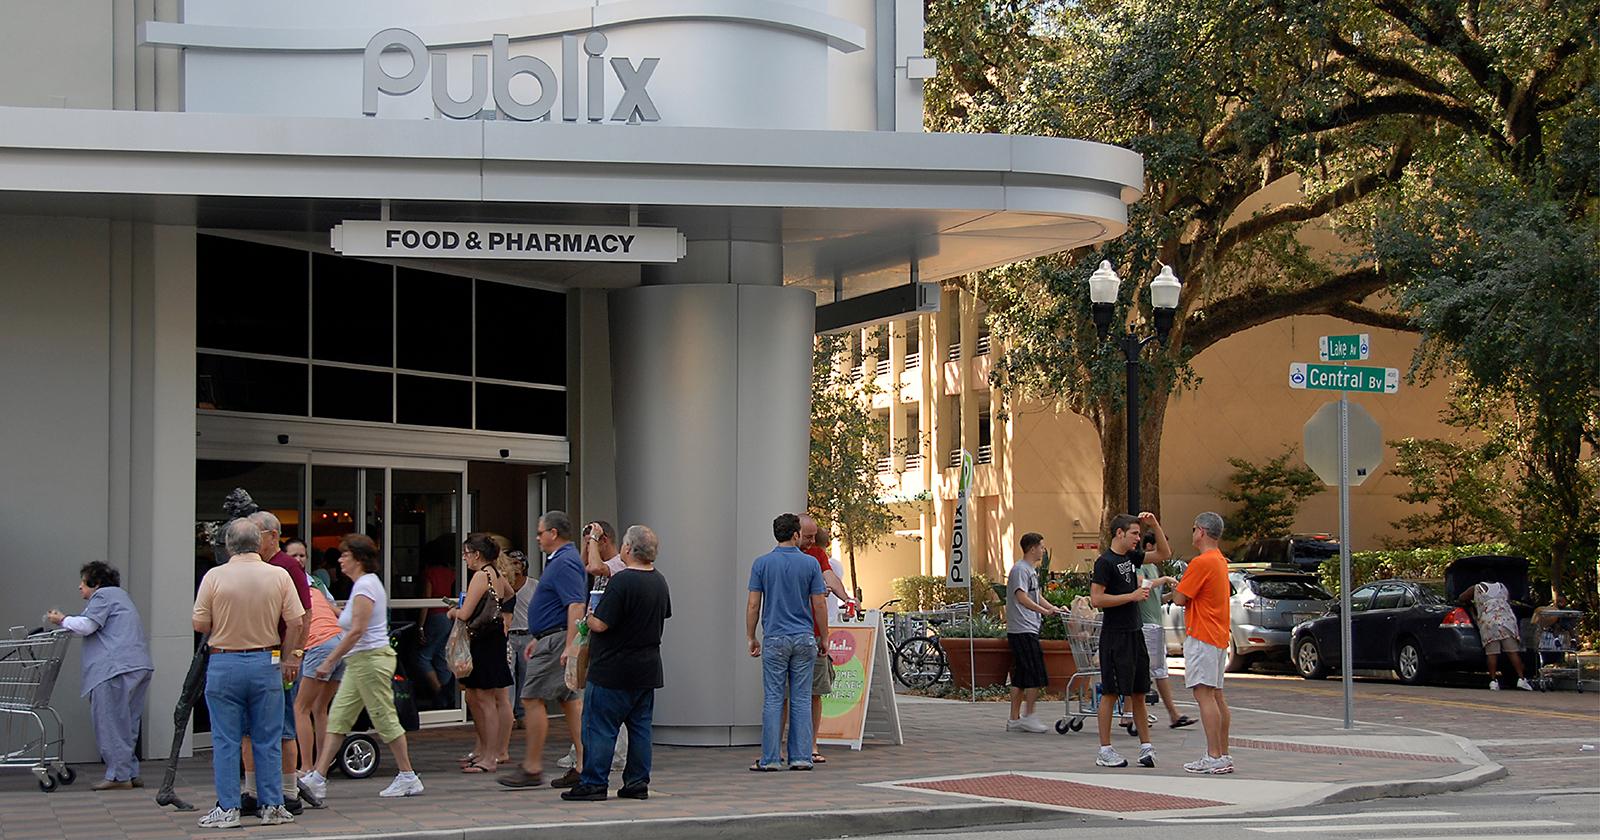 Publix - The Paramount at Lake Eola , Orlando, FL